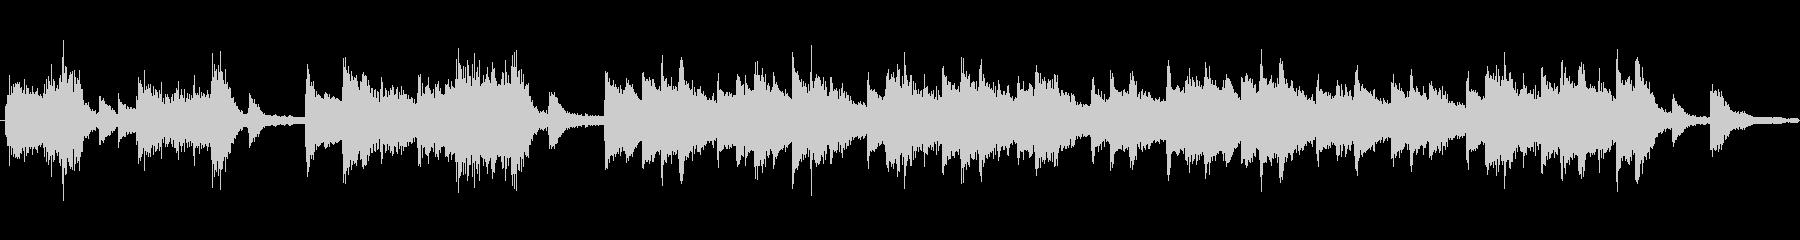 レトロピアノ出囃子オーケストラCMの未再生の波形